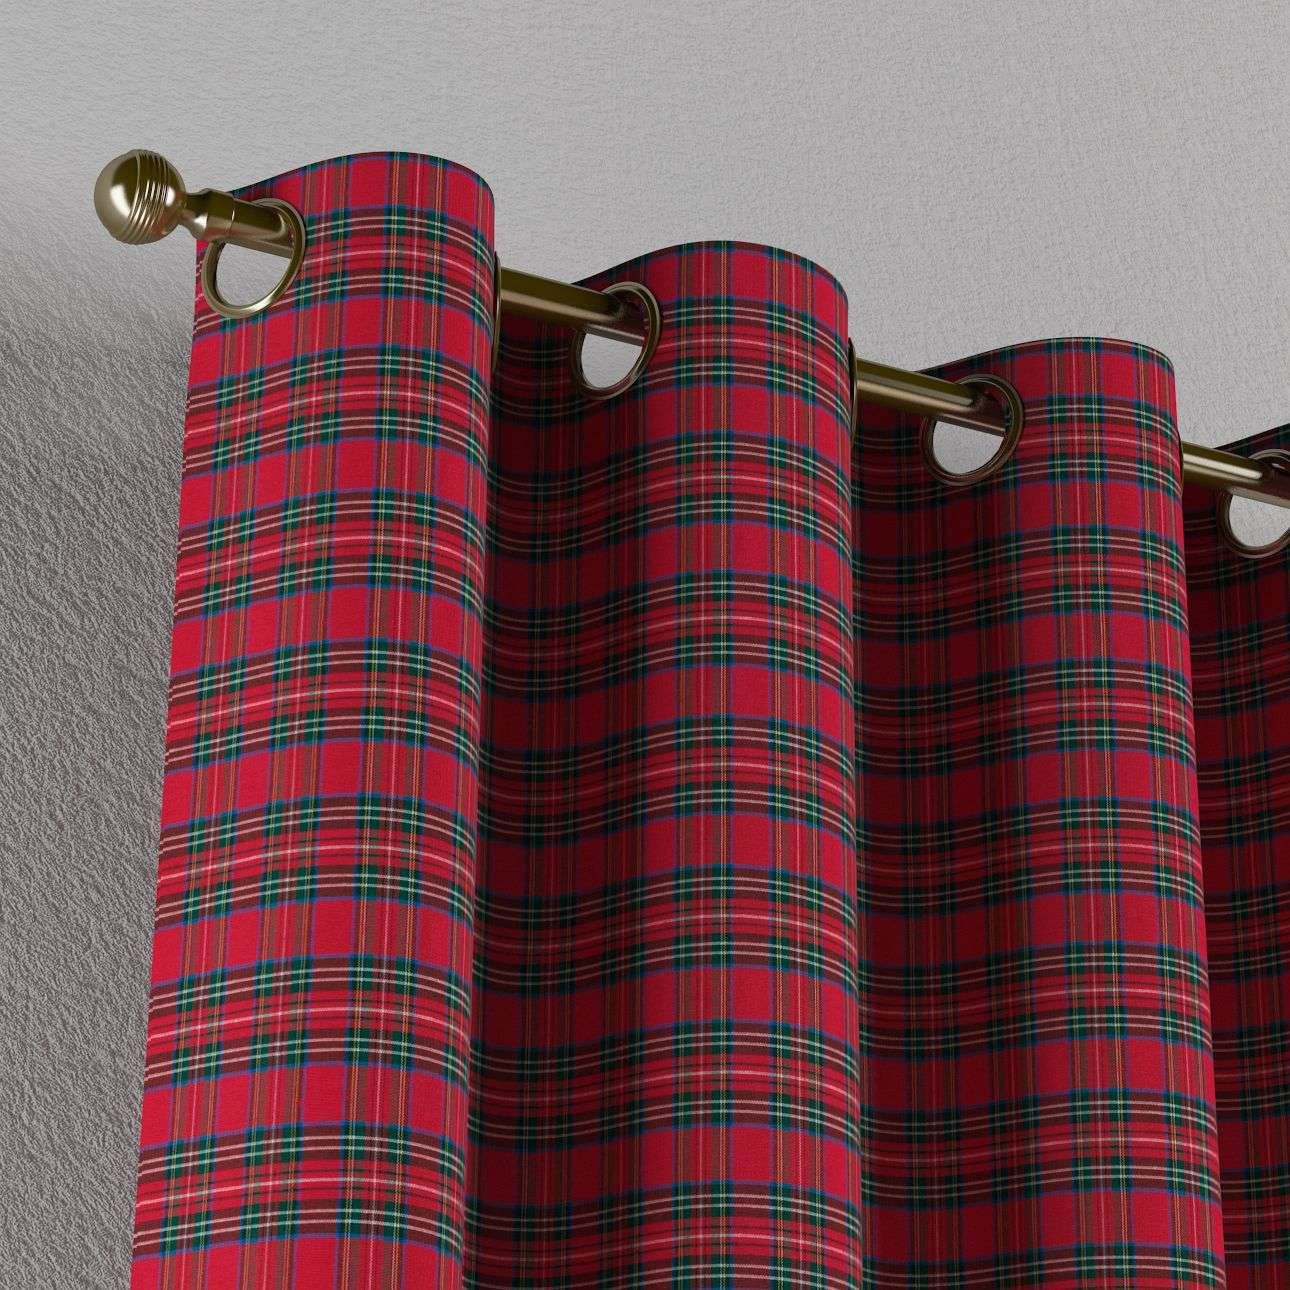 Zasłona na kółkach 1 szt. 1szt 130x260 cm w kolekcji Bristol, tkanina: 126-29